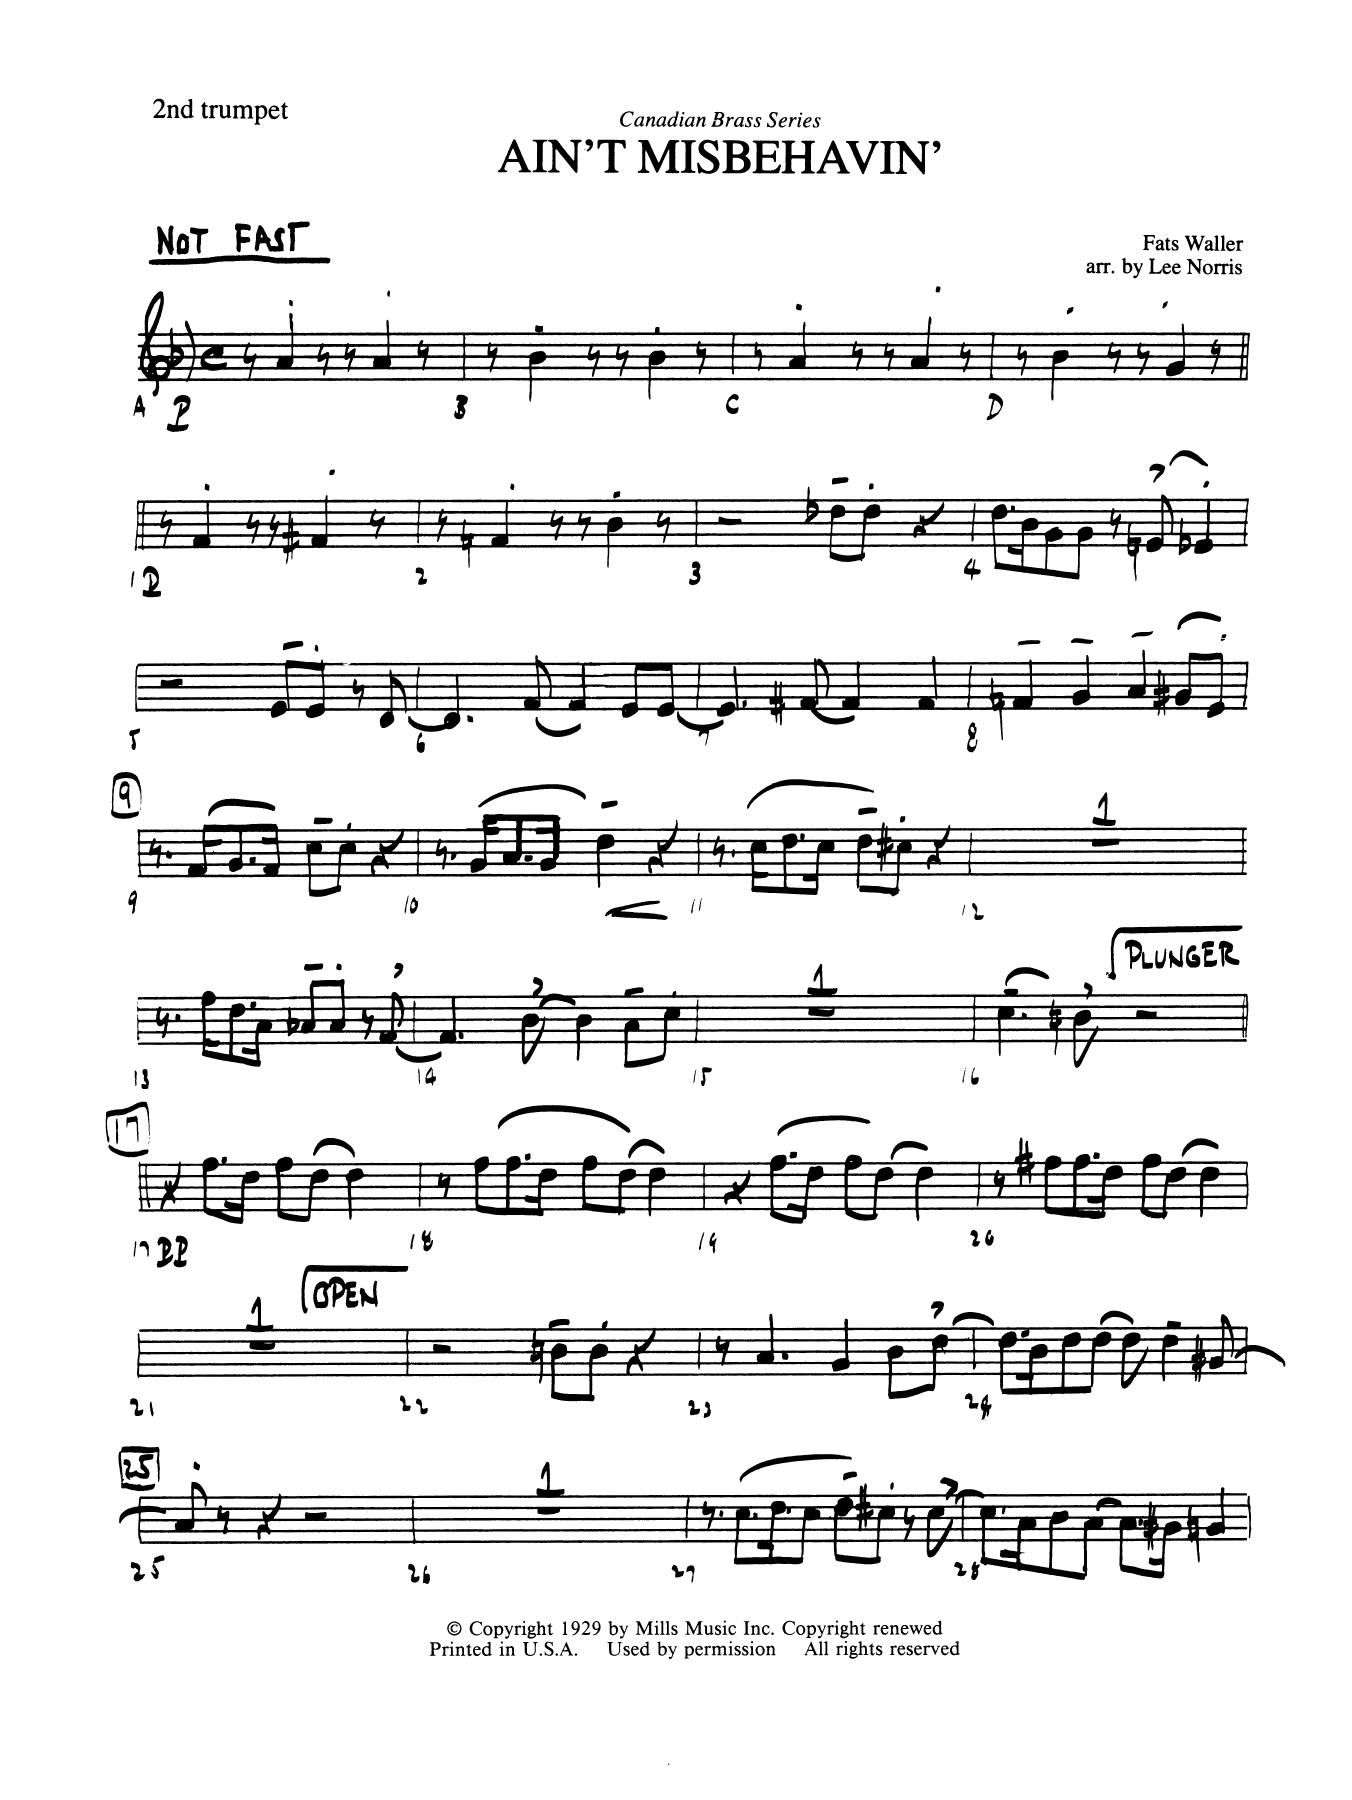 Ain't Misbehavin' - Bb Trumpet 2 (Brass Quintet) Sheet Music